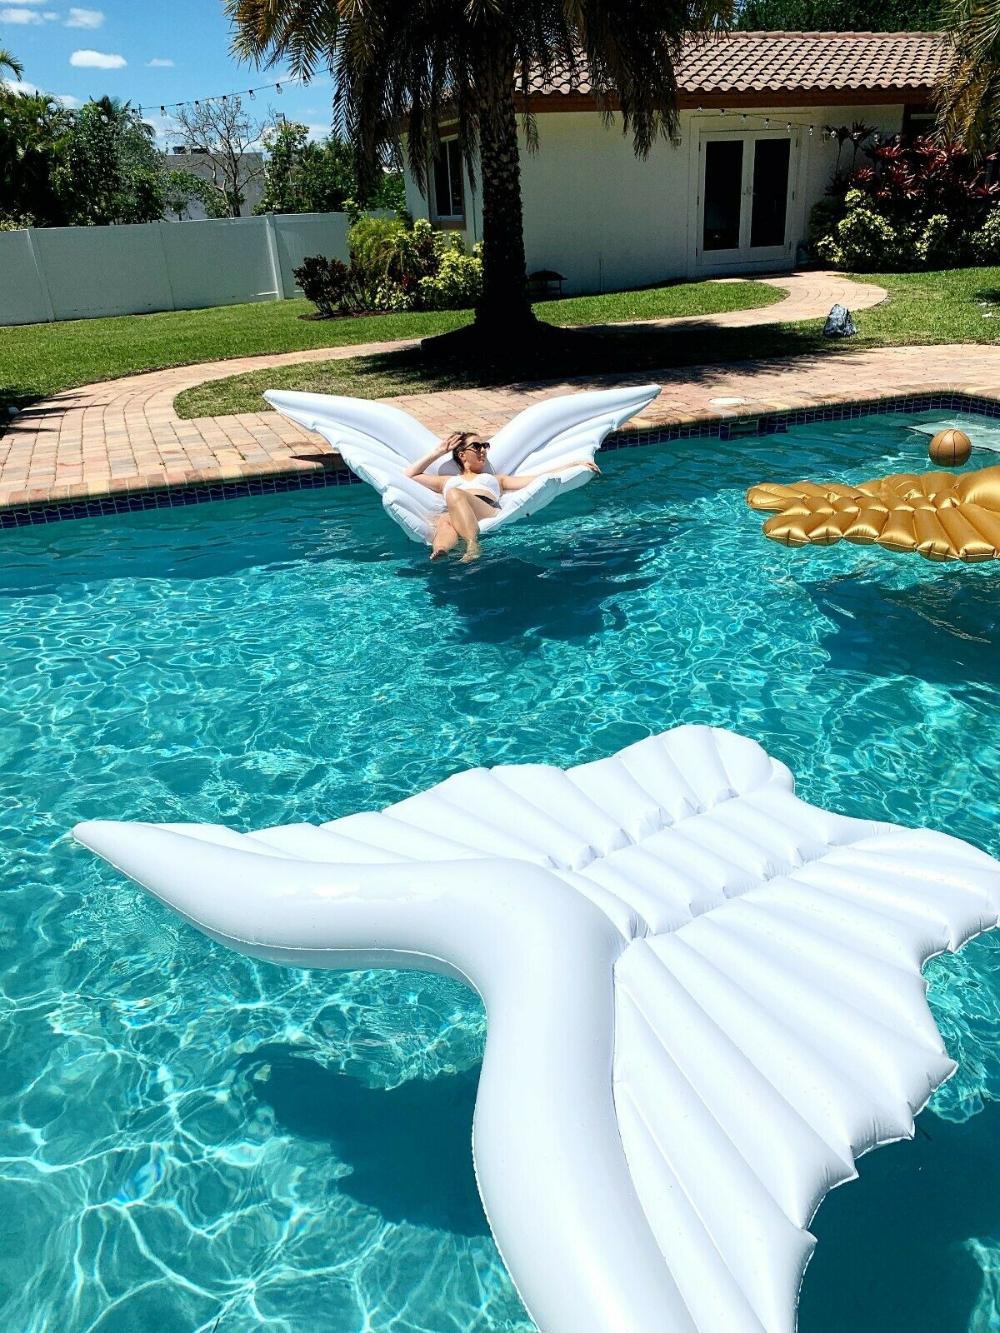 Angel Wing Pool Float Butterflies Wings Pool Party Wedding Mattress Luxury White Ebay In 2021 Wedding Pool Party Luxury Pool Floats Pool Party